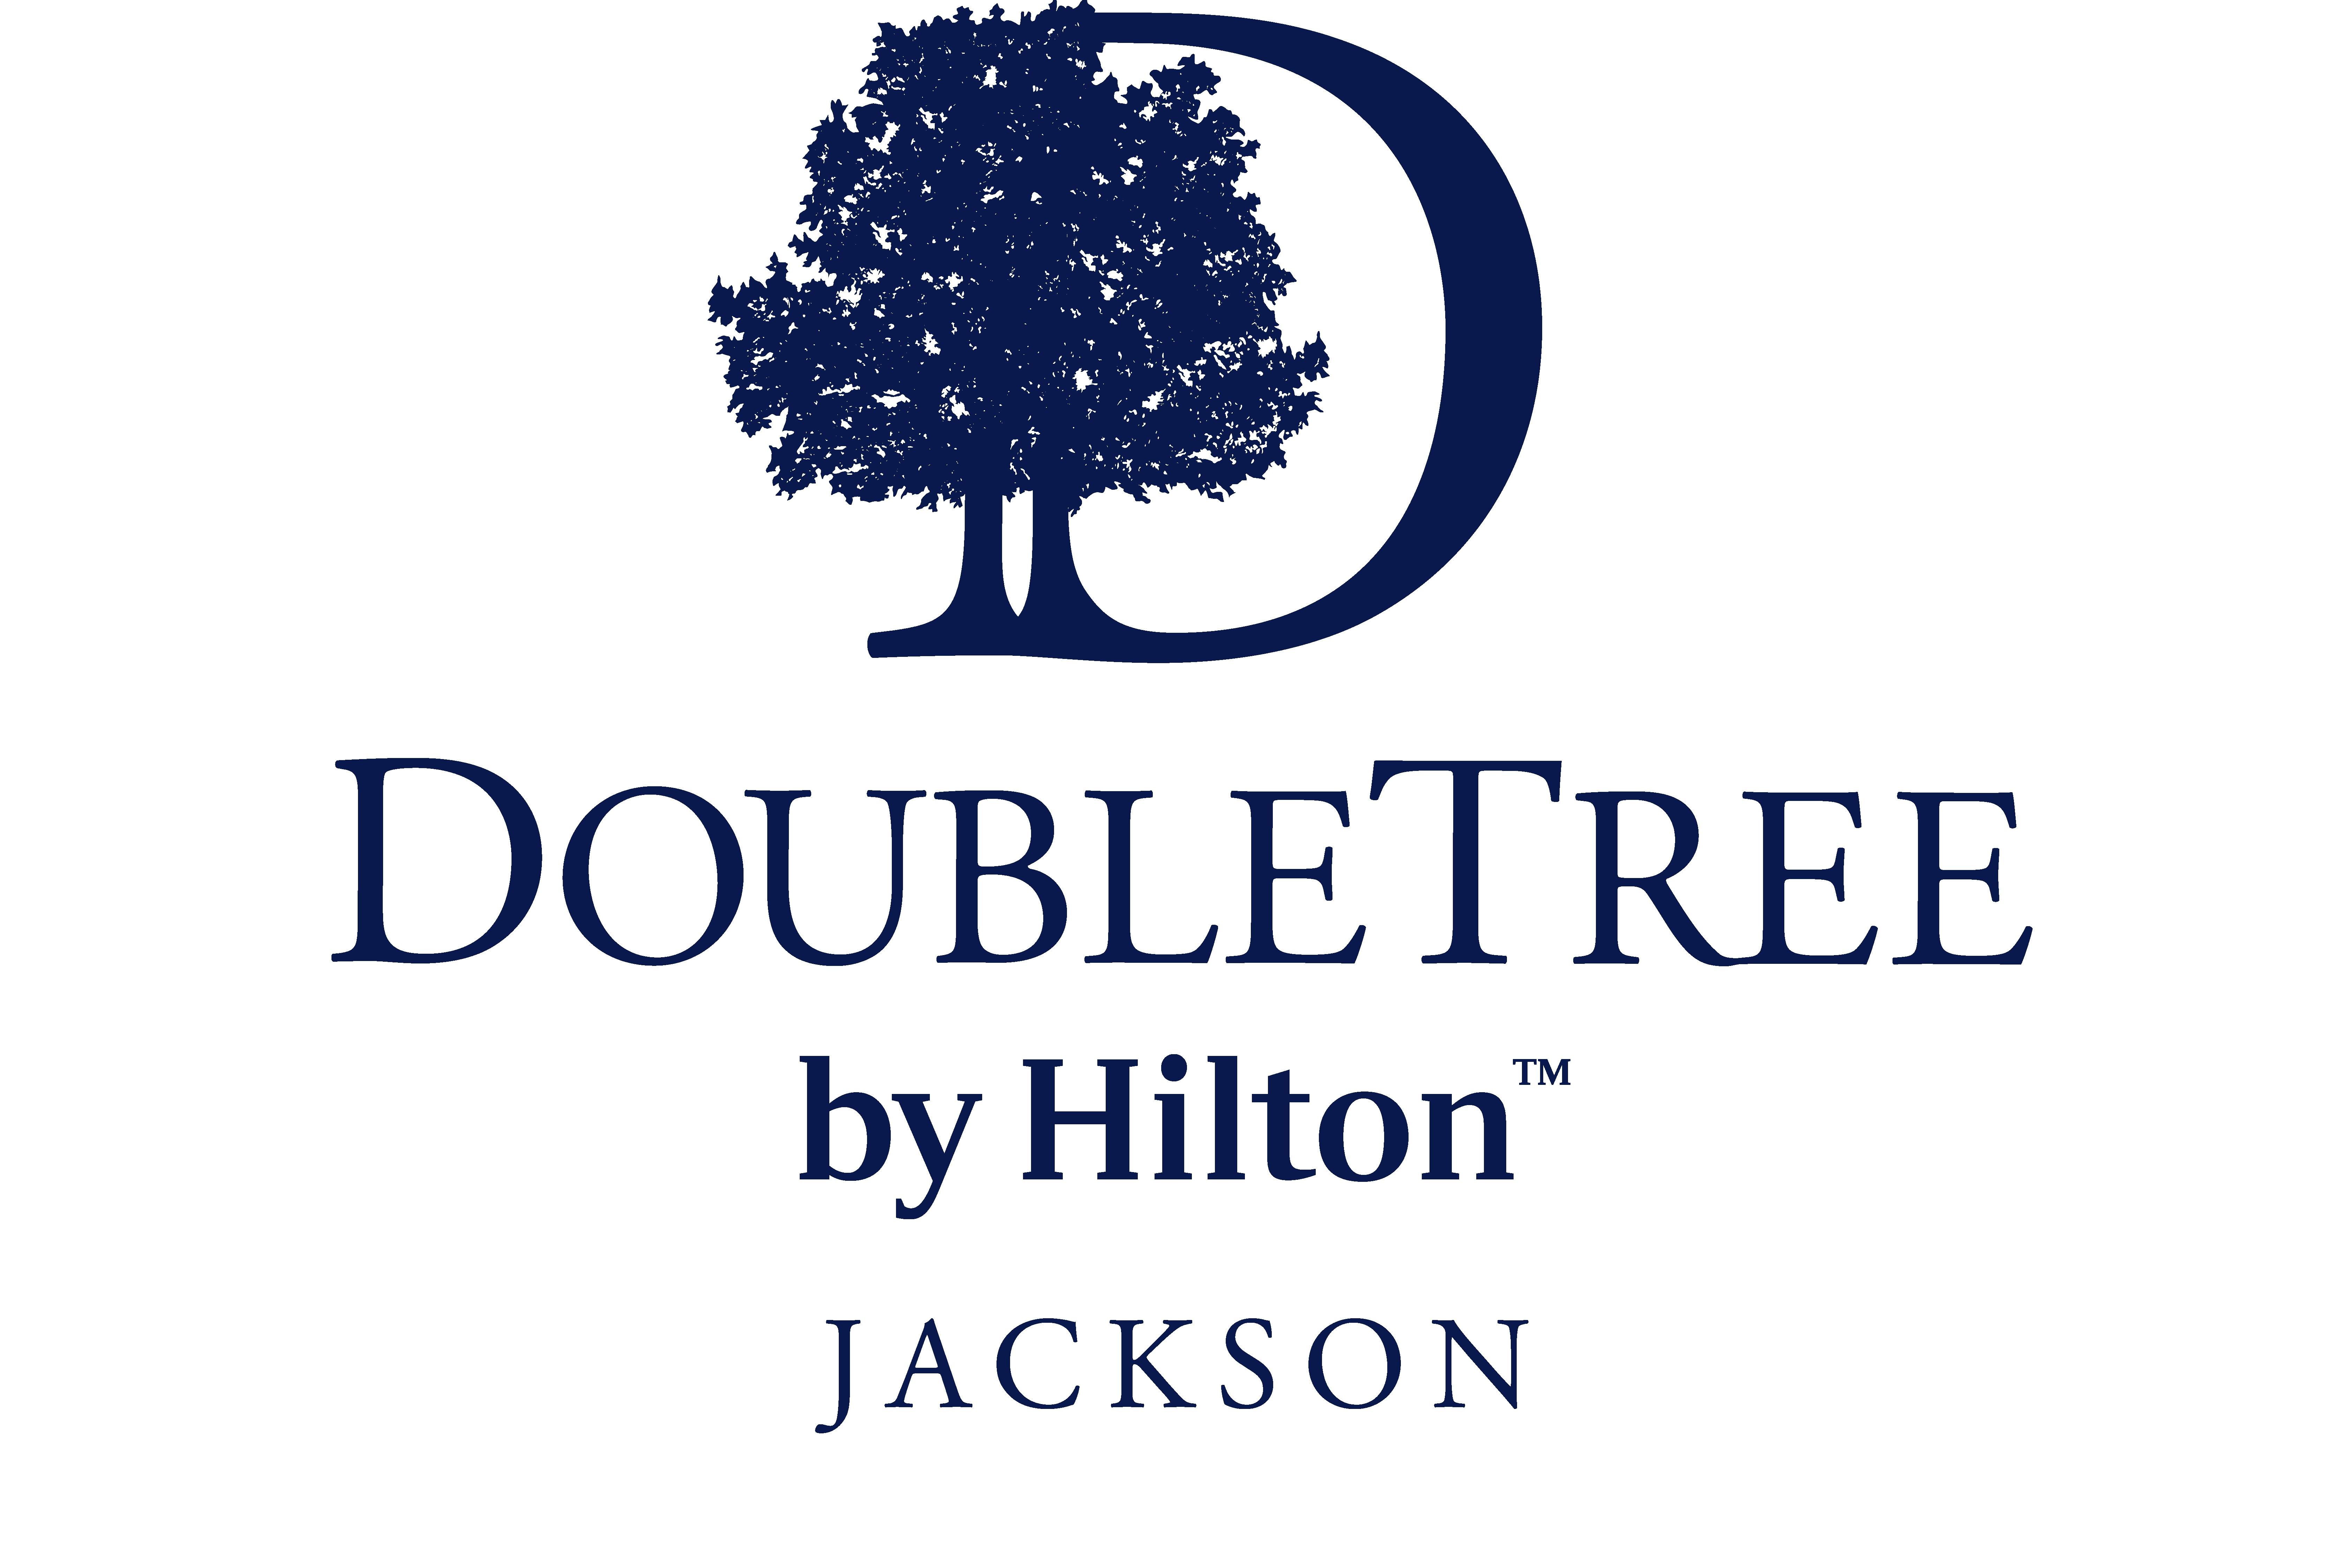 DoubleTree by HJilton